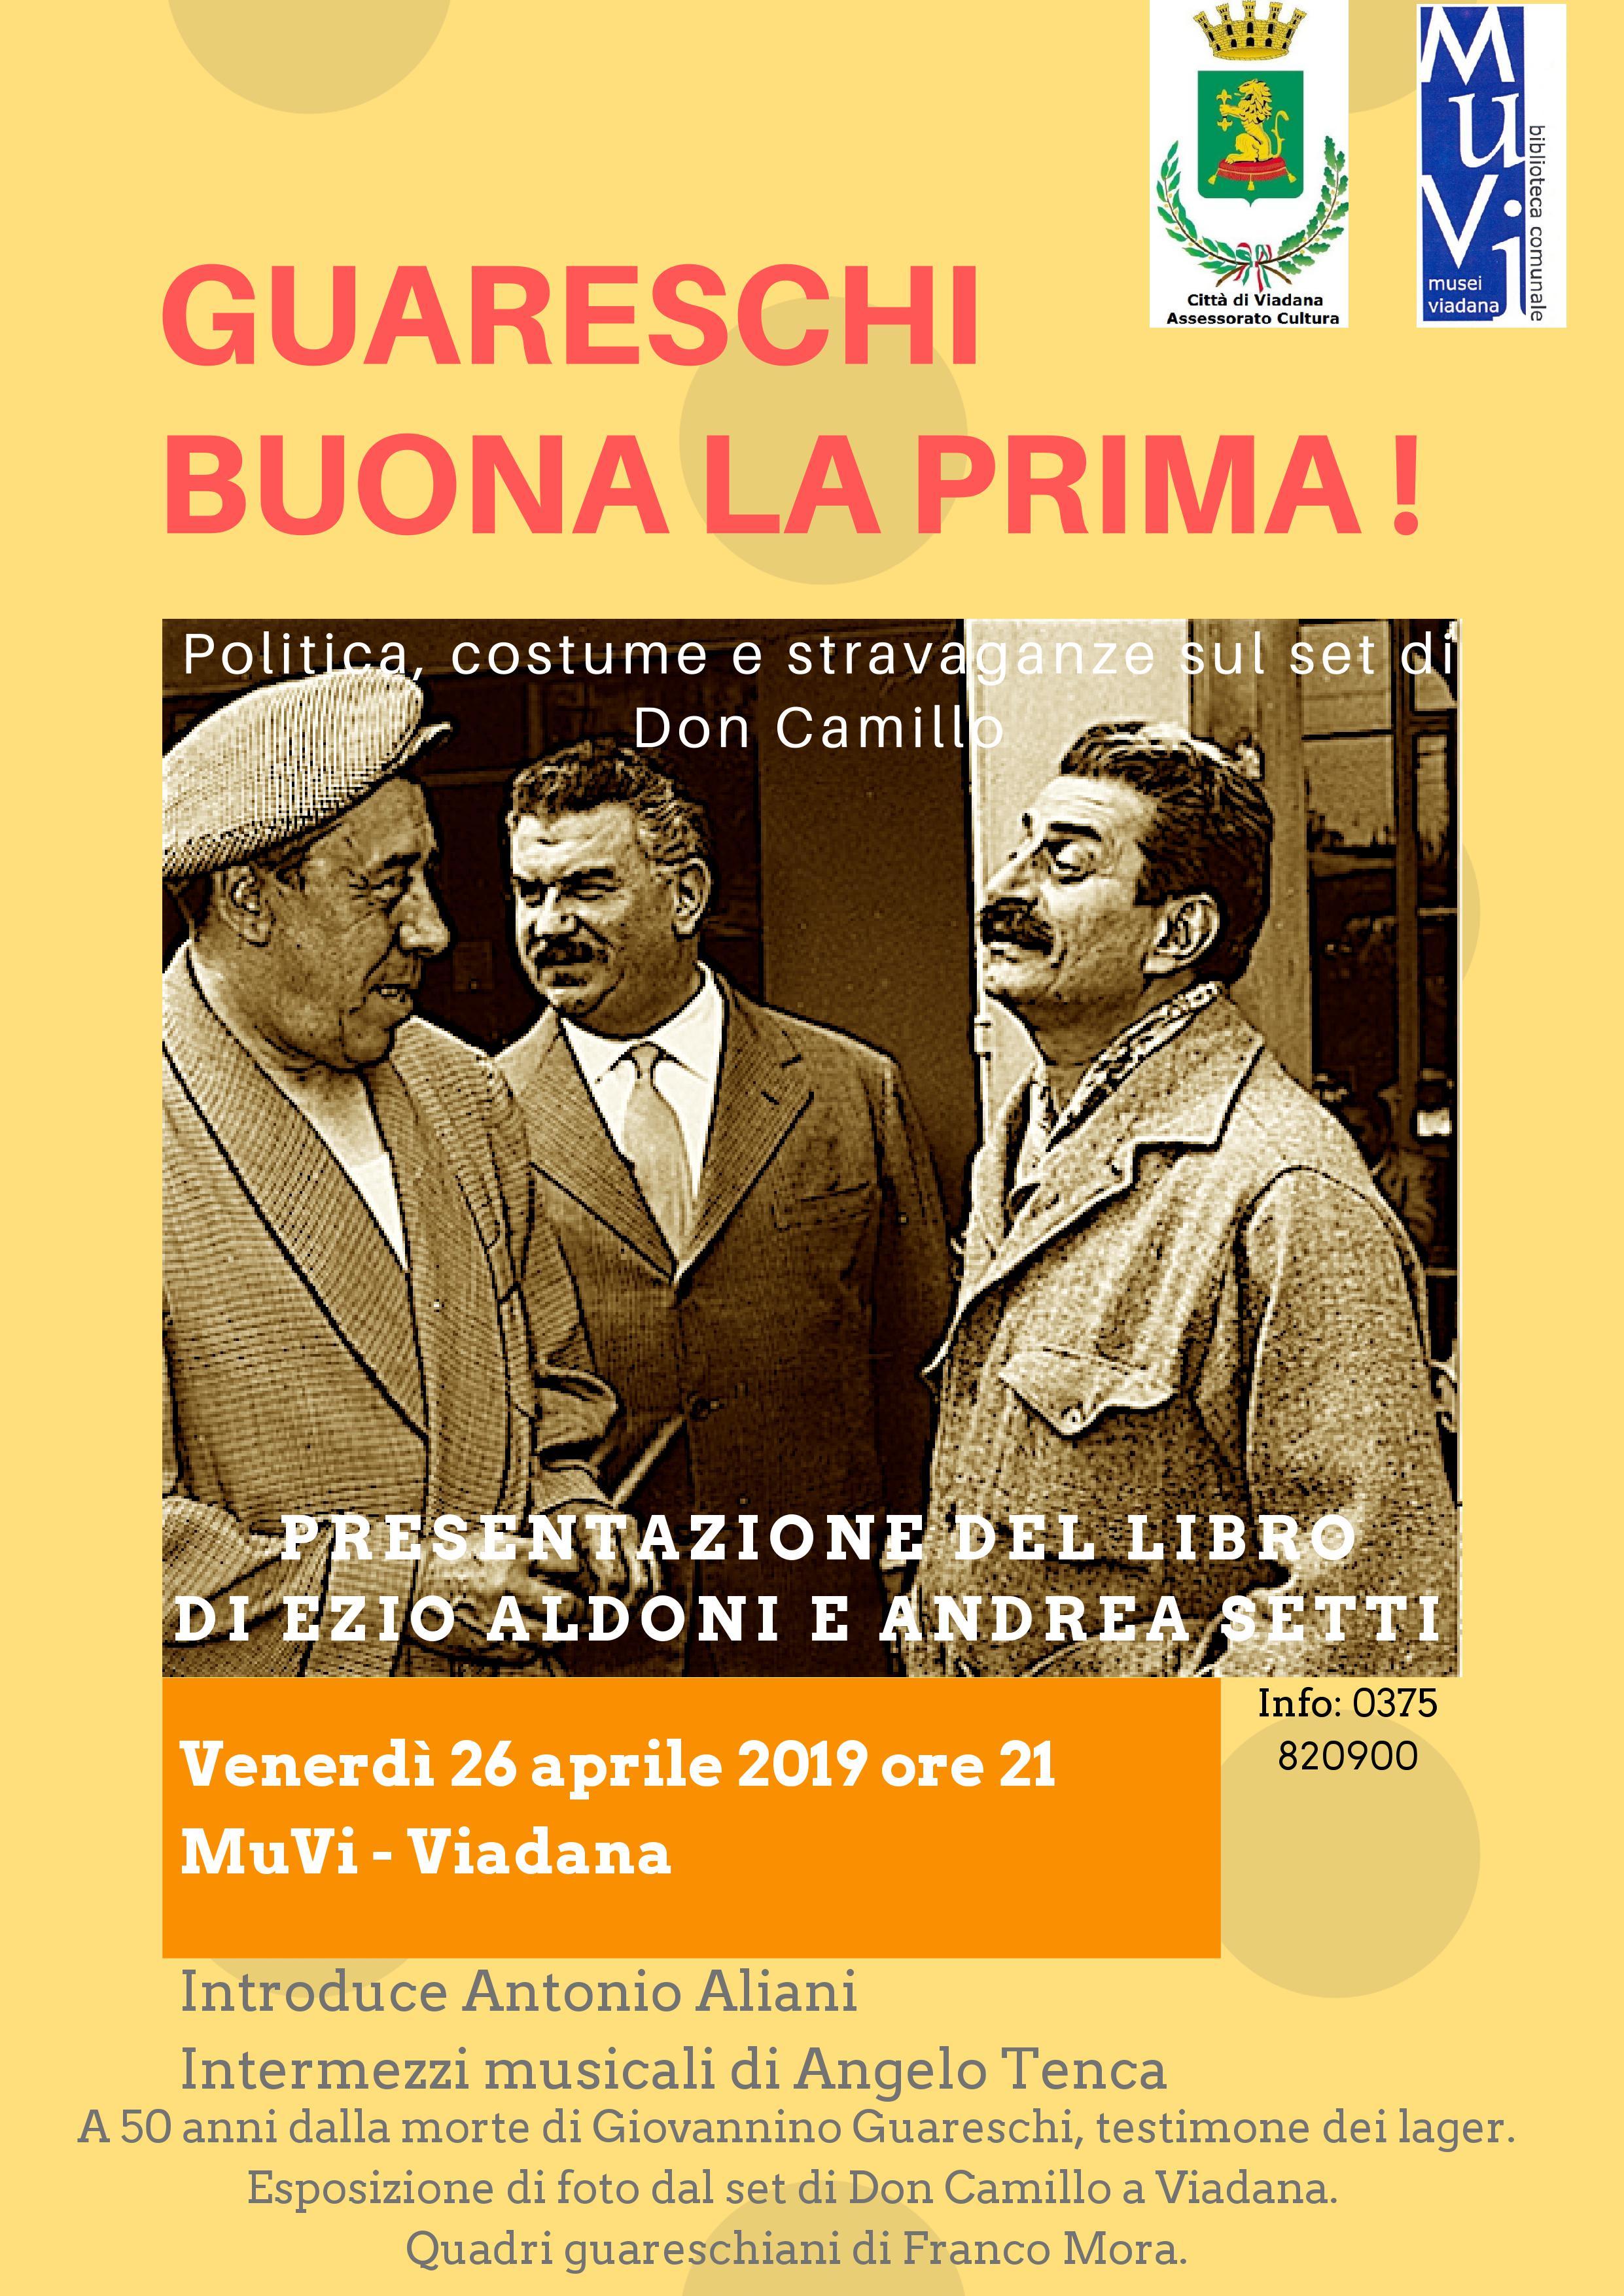 """26/04/2019 - Guareschi """"Buona la prima!"""""""